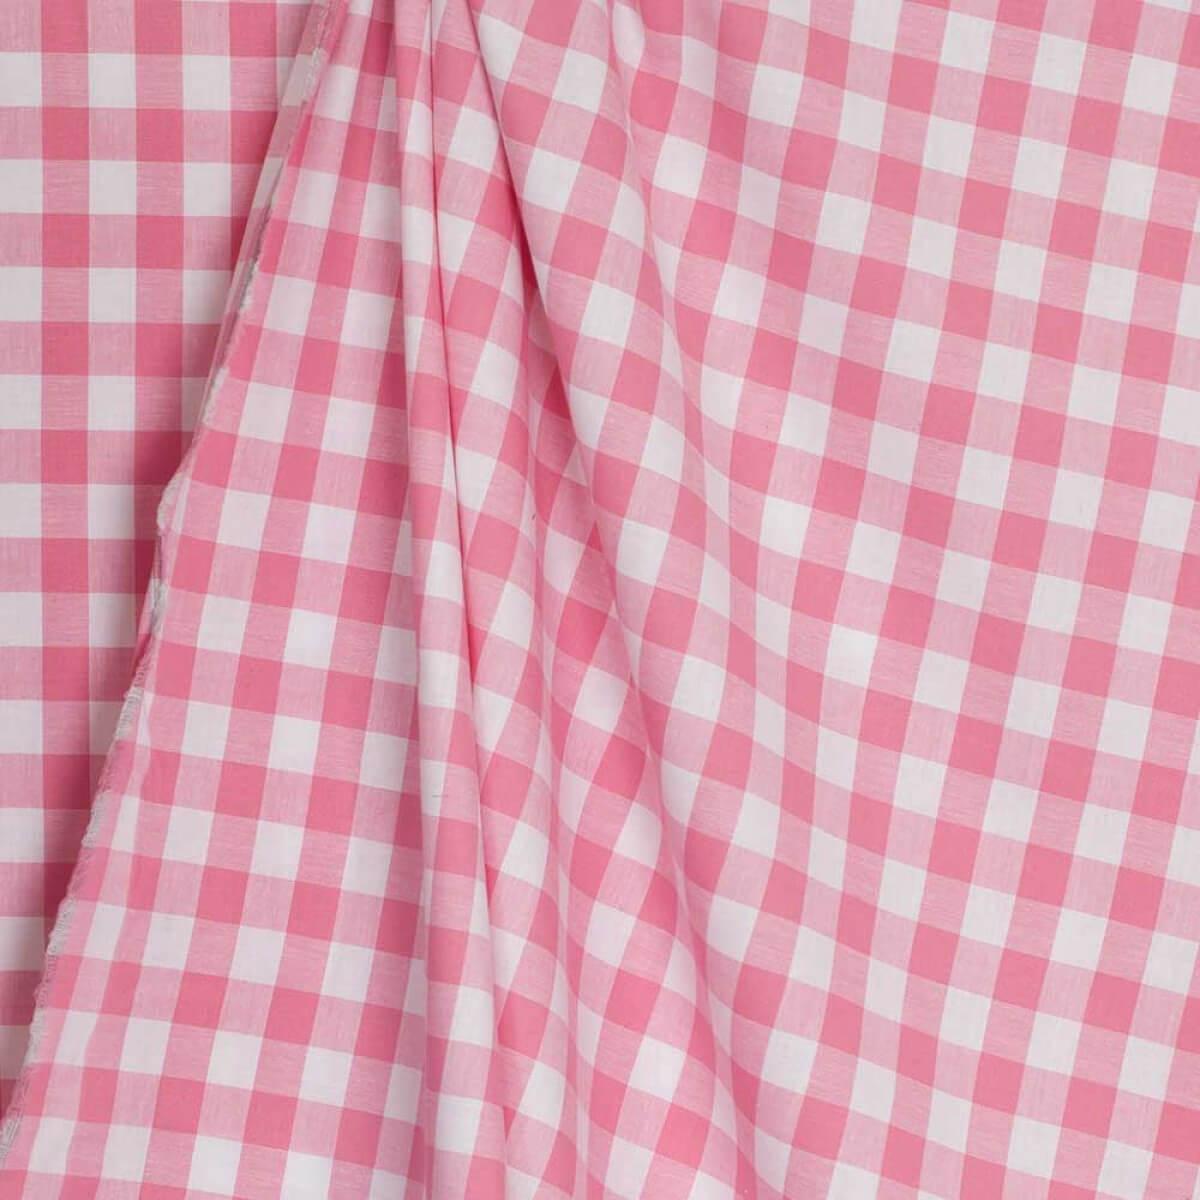 Tissu vichy - Rose    blanc - Par 50 cm Caréfil e90b0462269